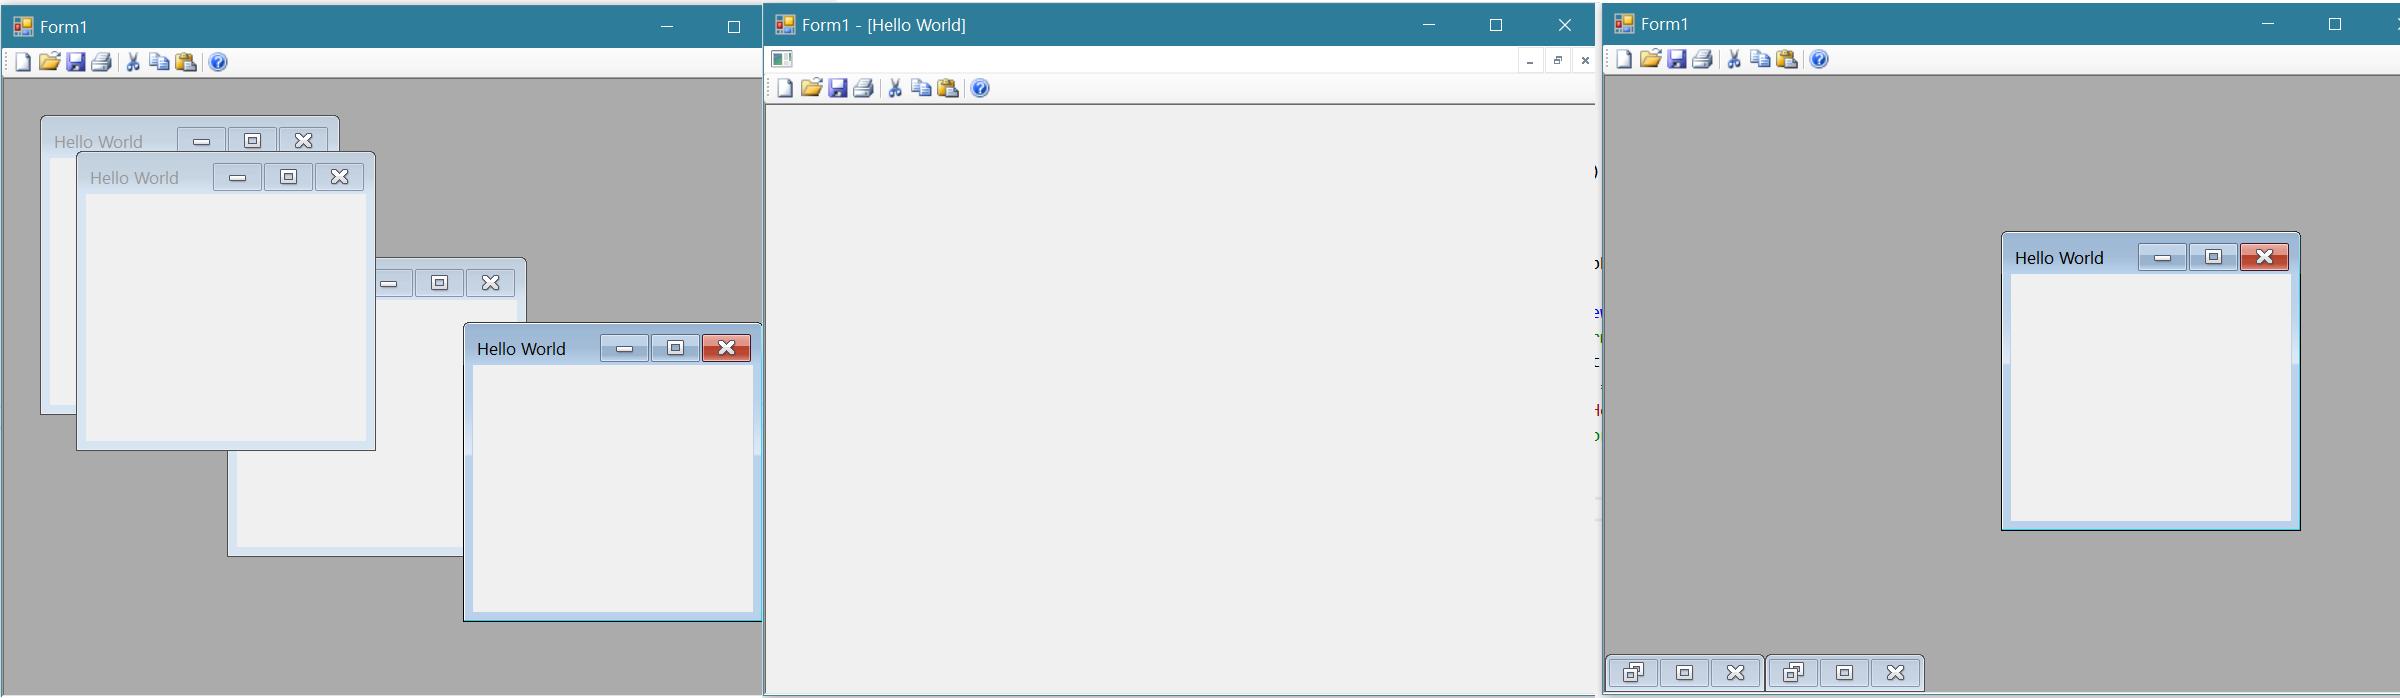 Windows Forms MDI Icon